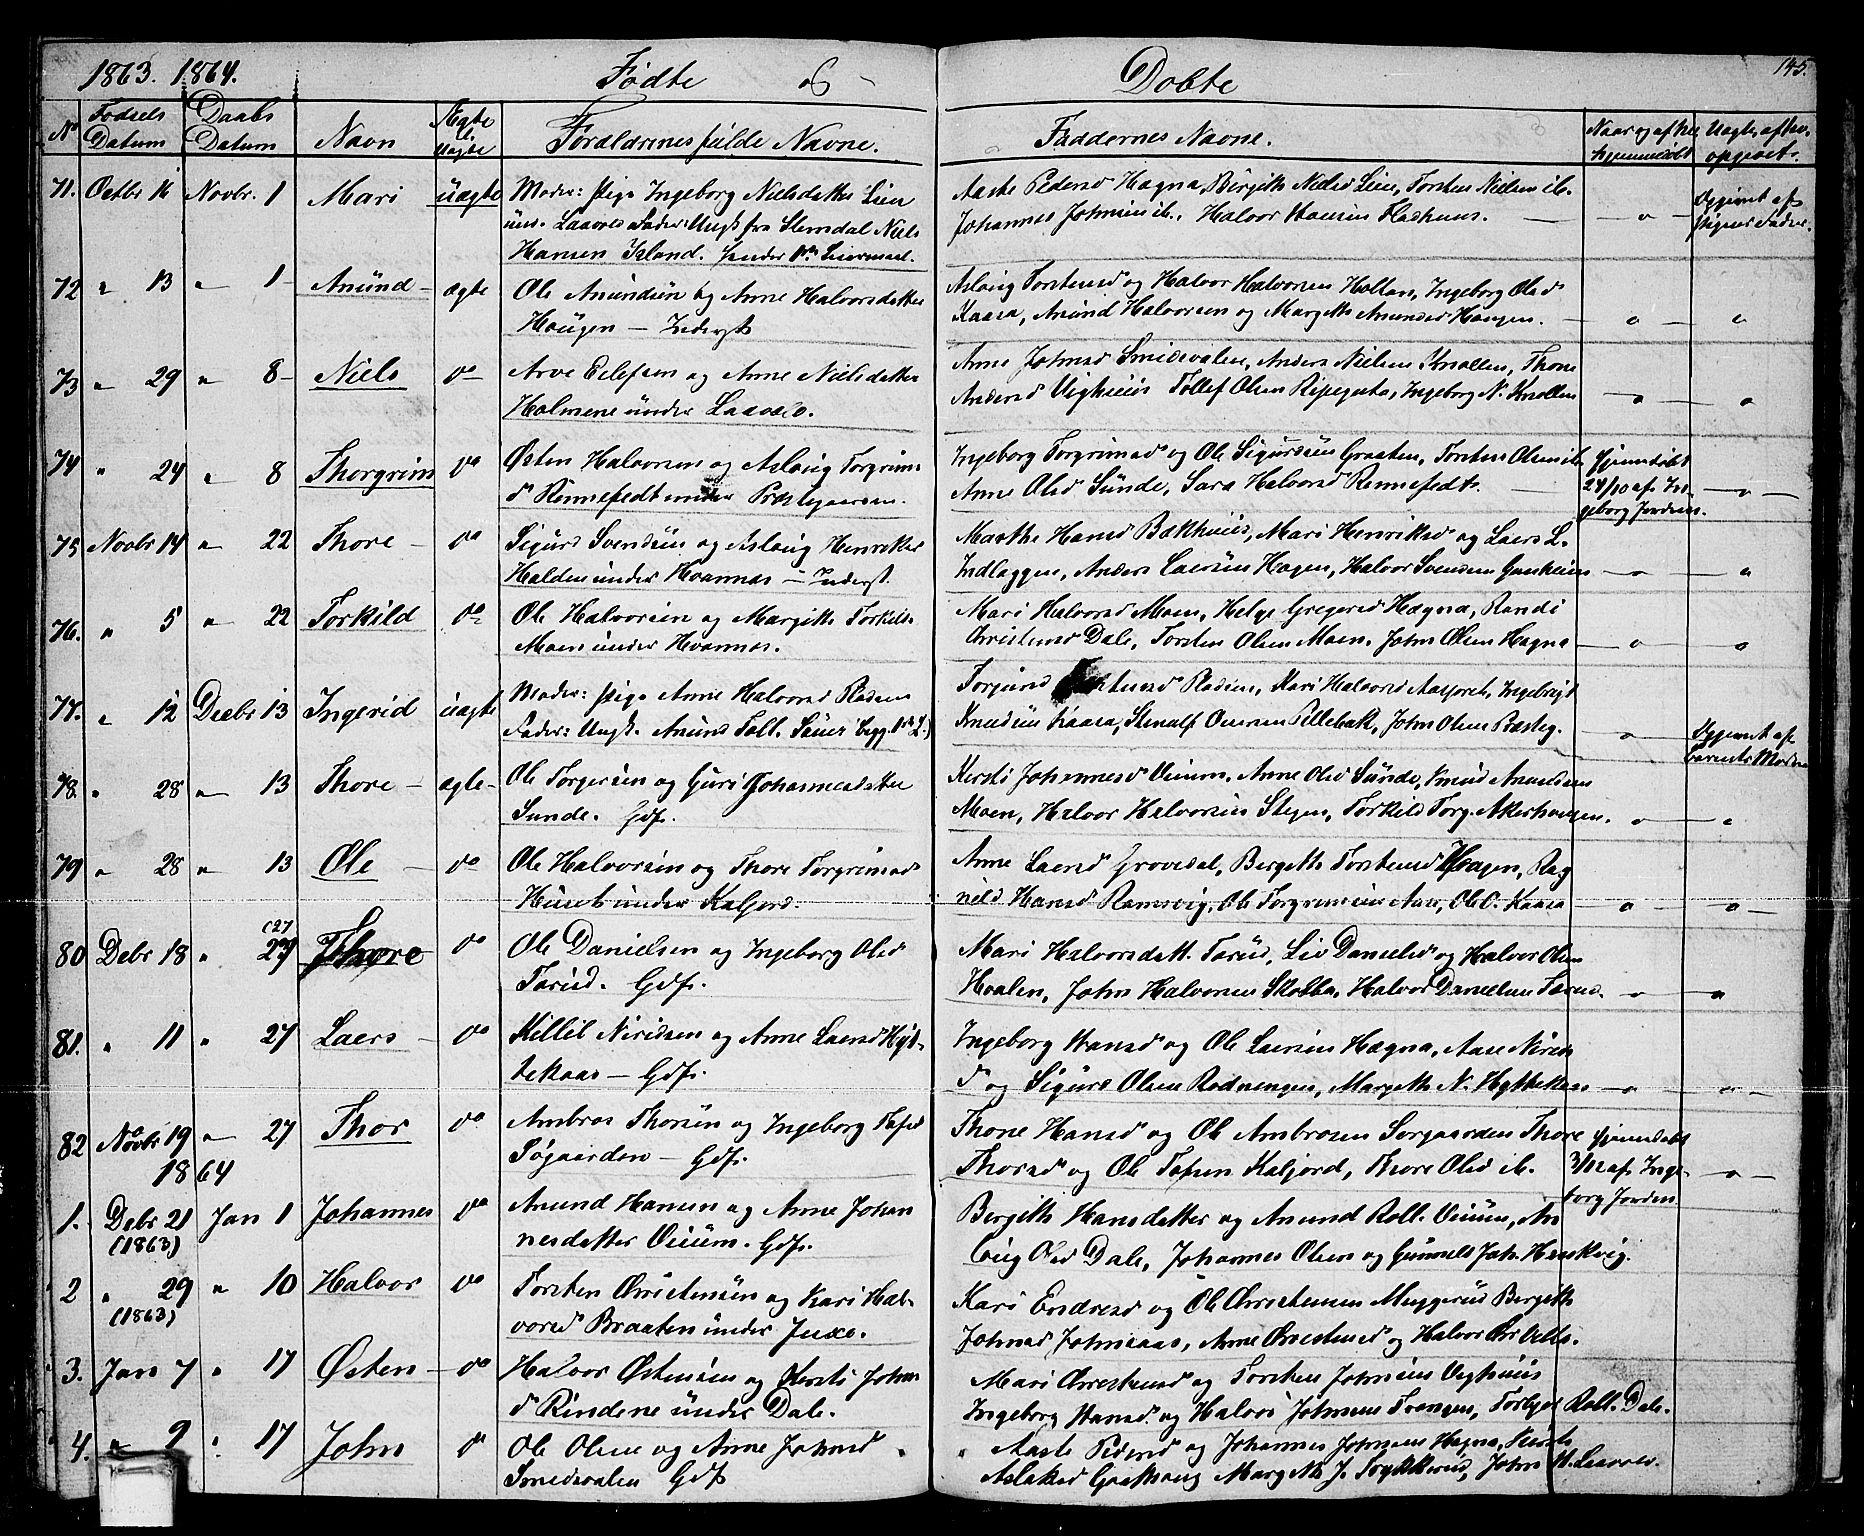 SAKO, Sauherad kirkebøker, G/Ga/L0002: Klokkerbok nr. I 2, 1842-1866, s. 145